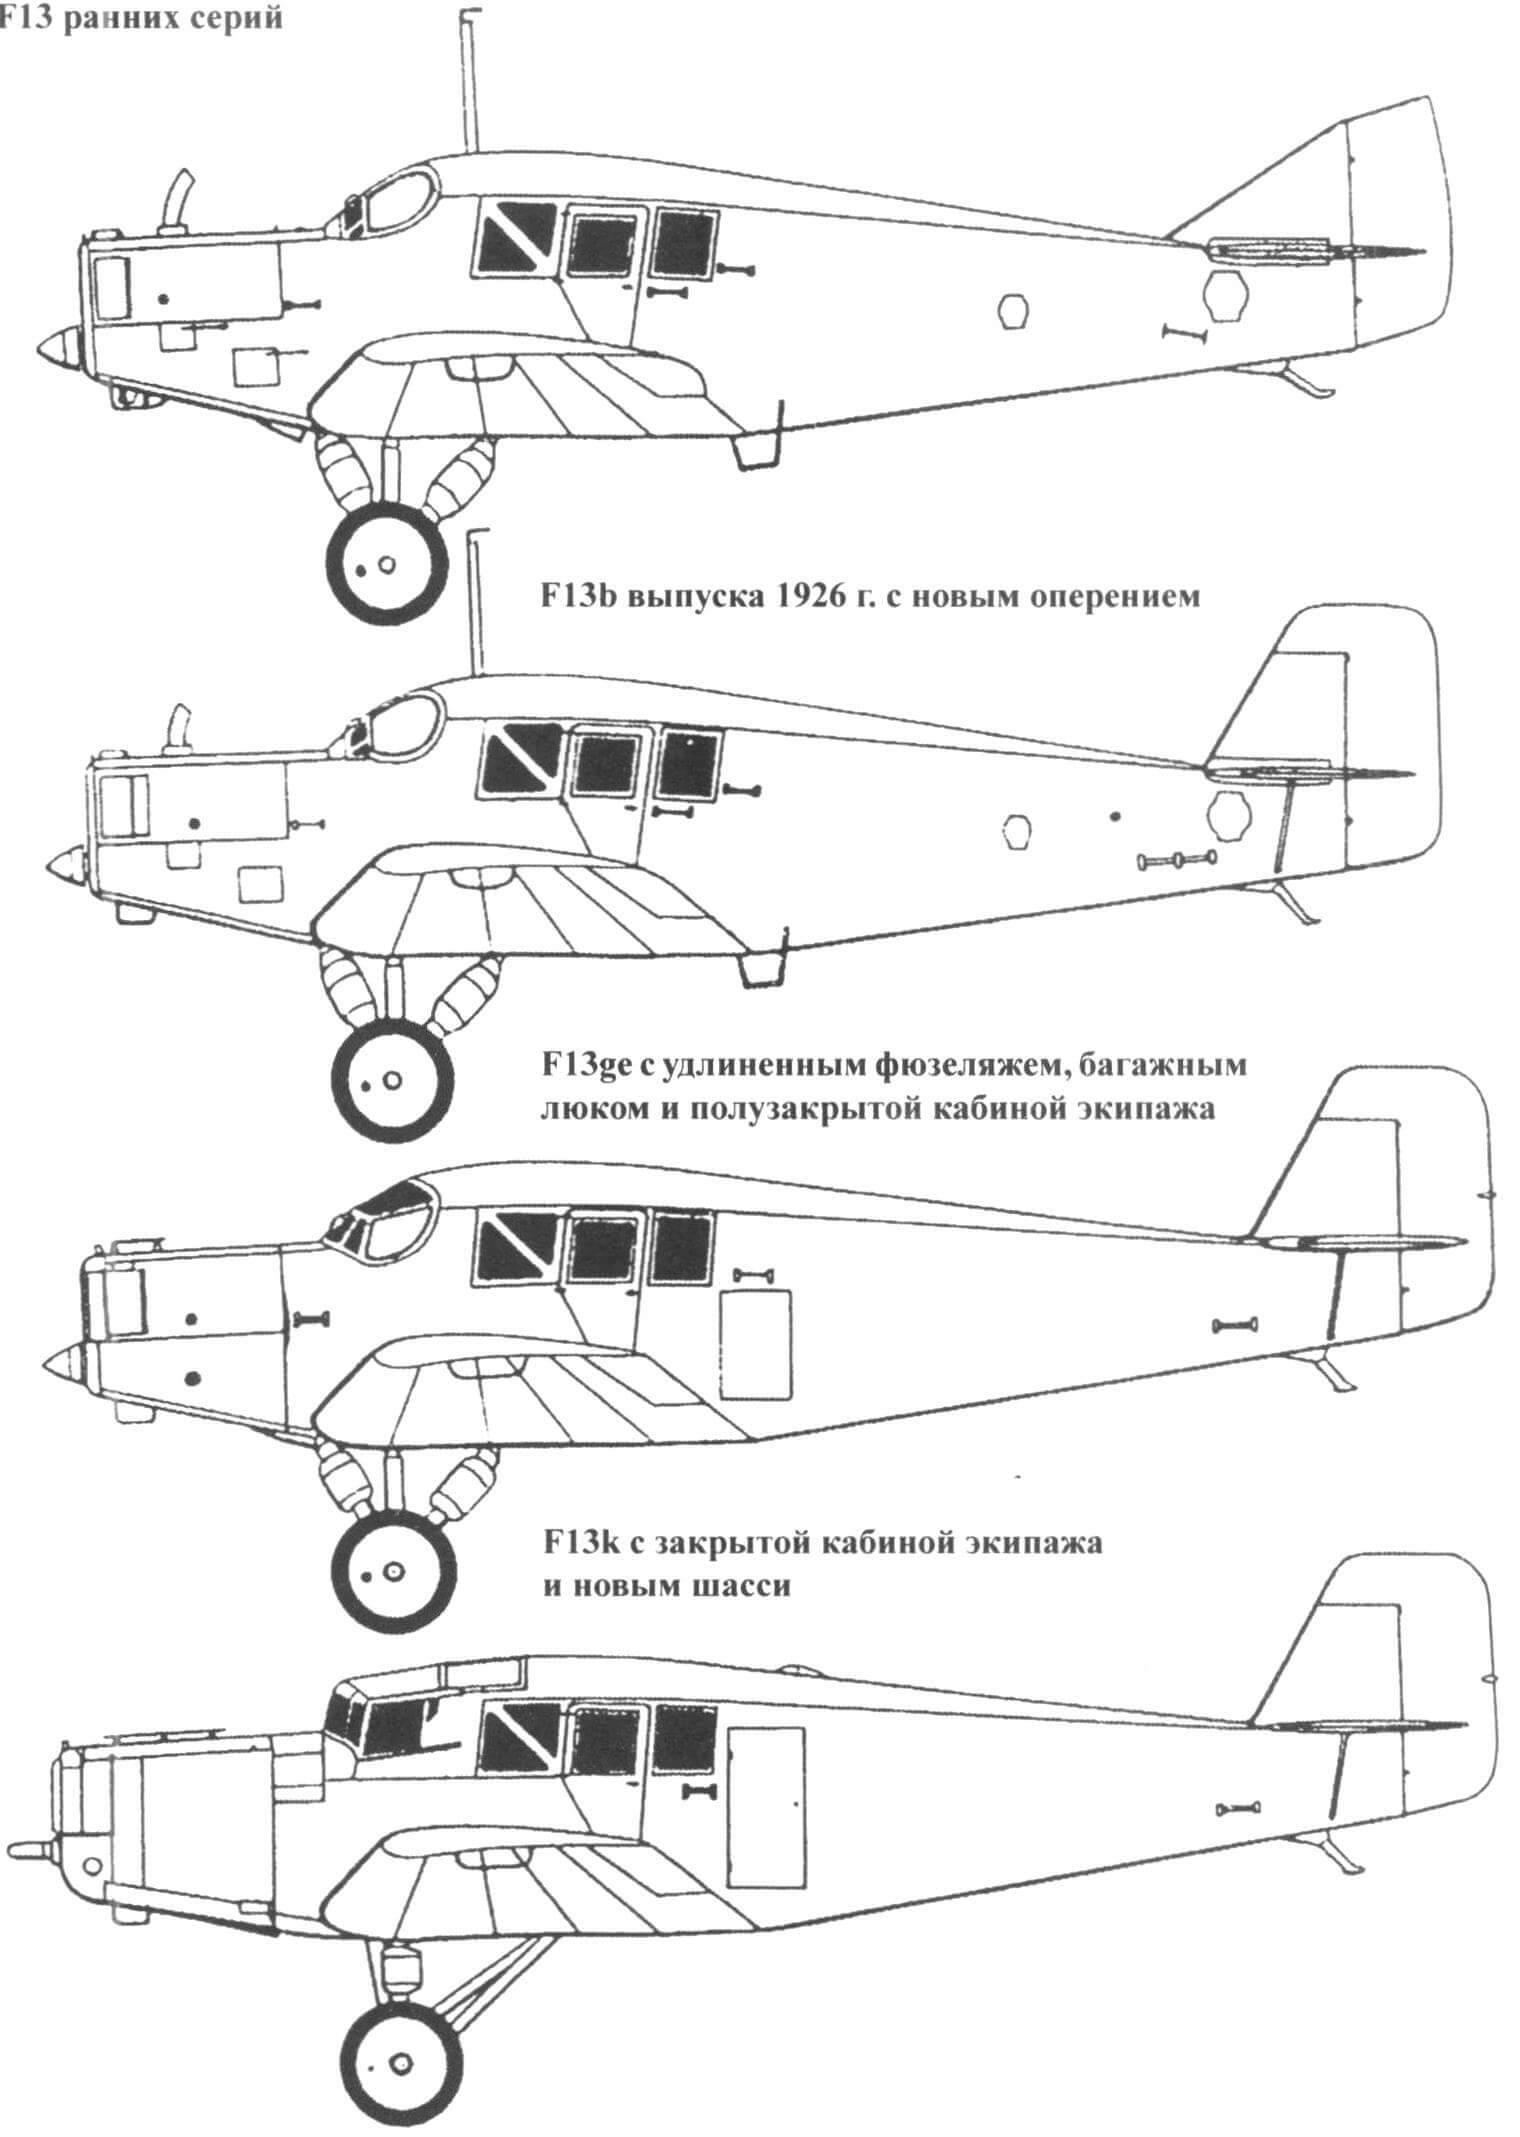 F13 ранних серий